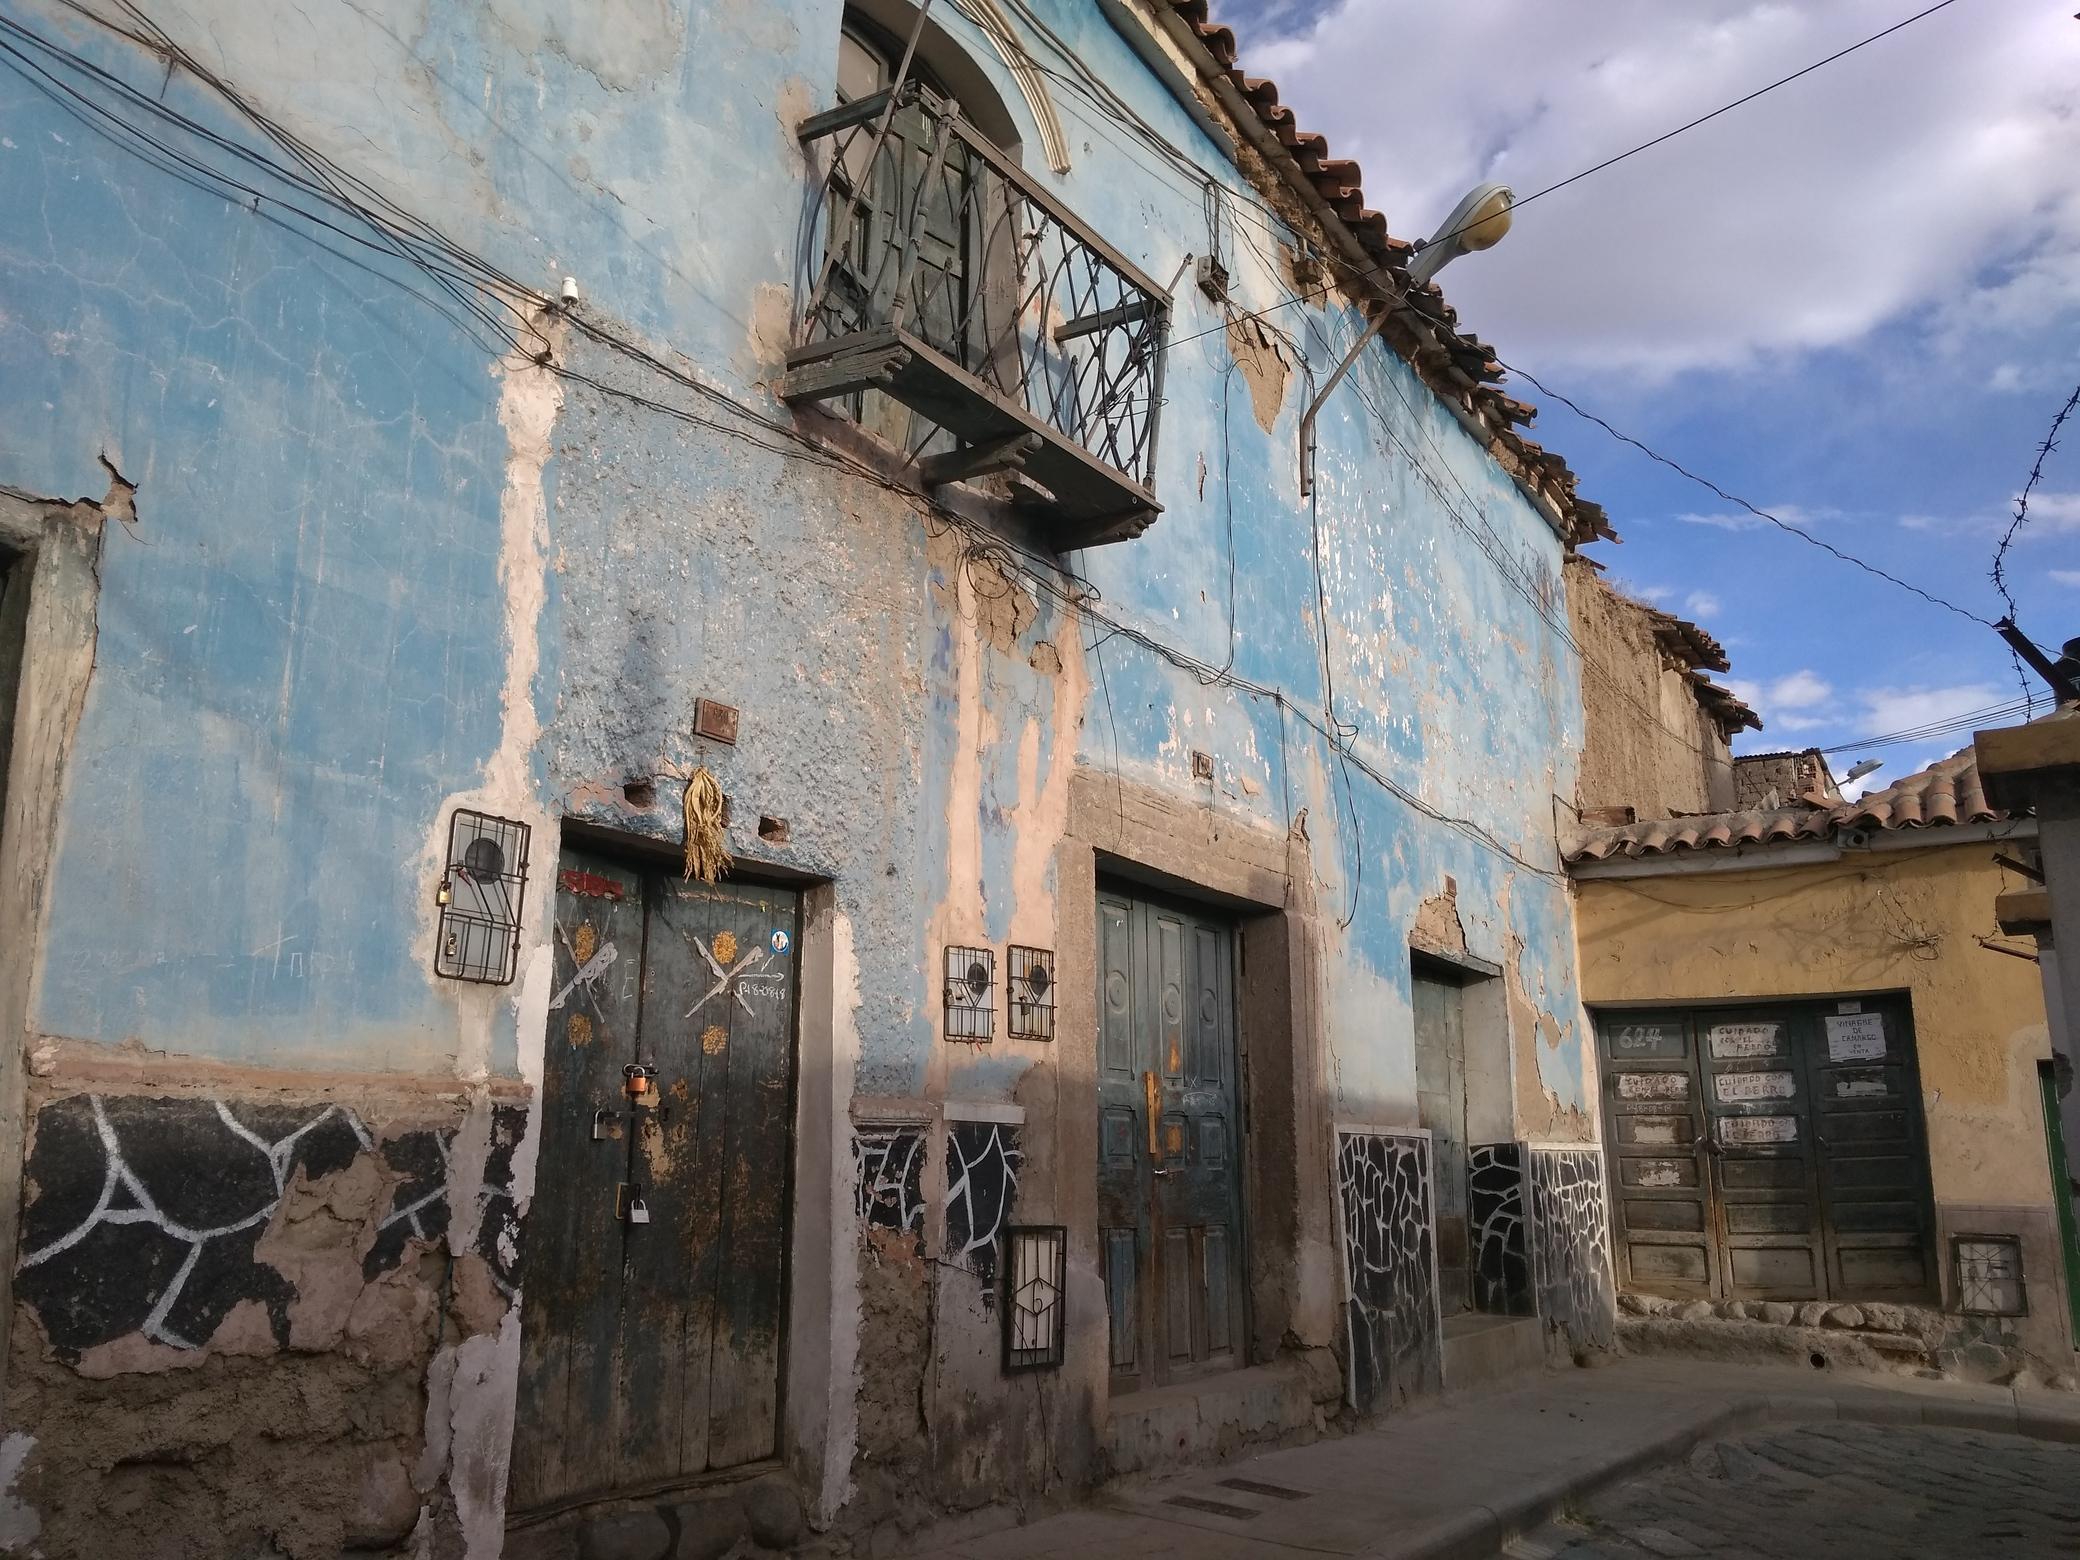 Calle Potosí